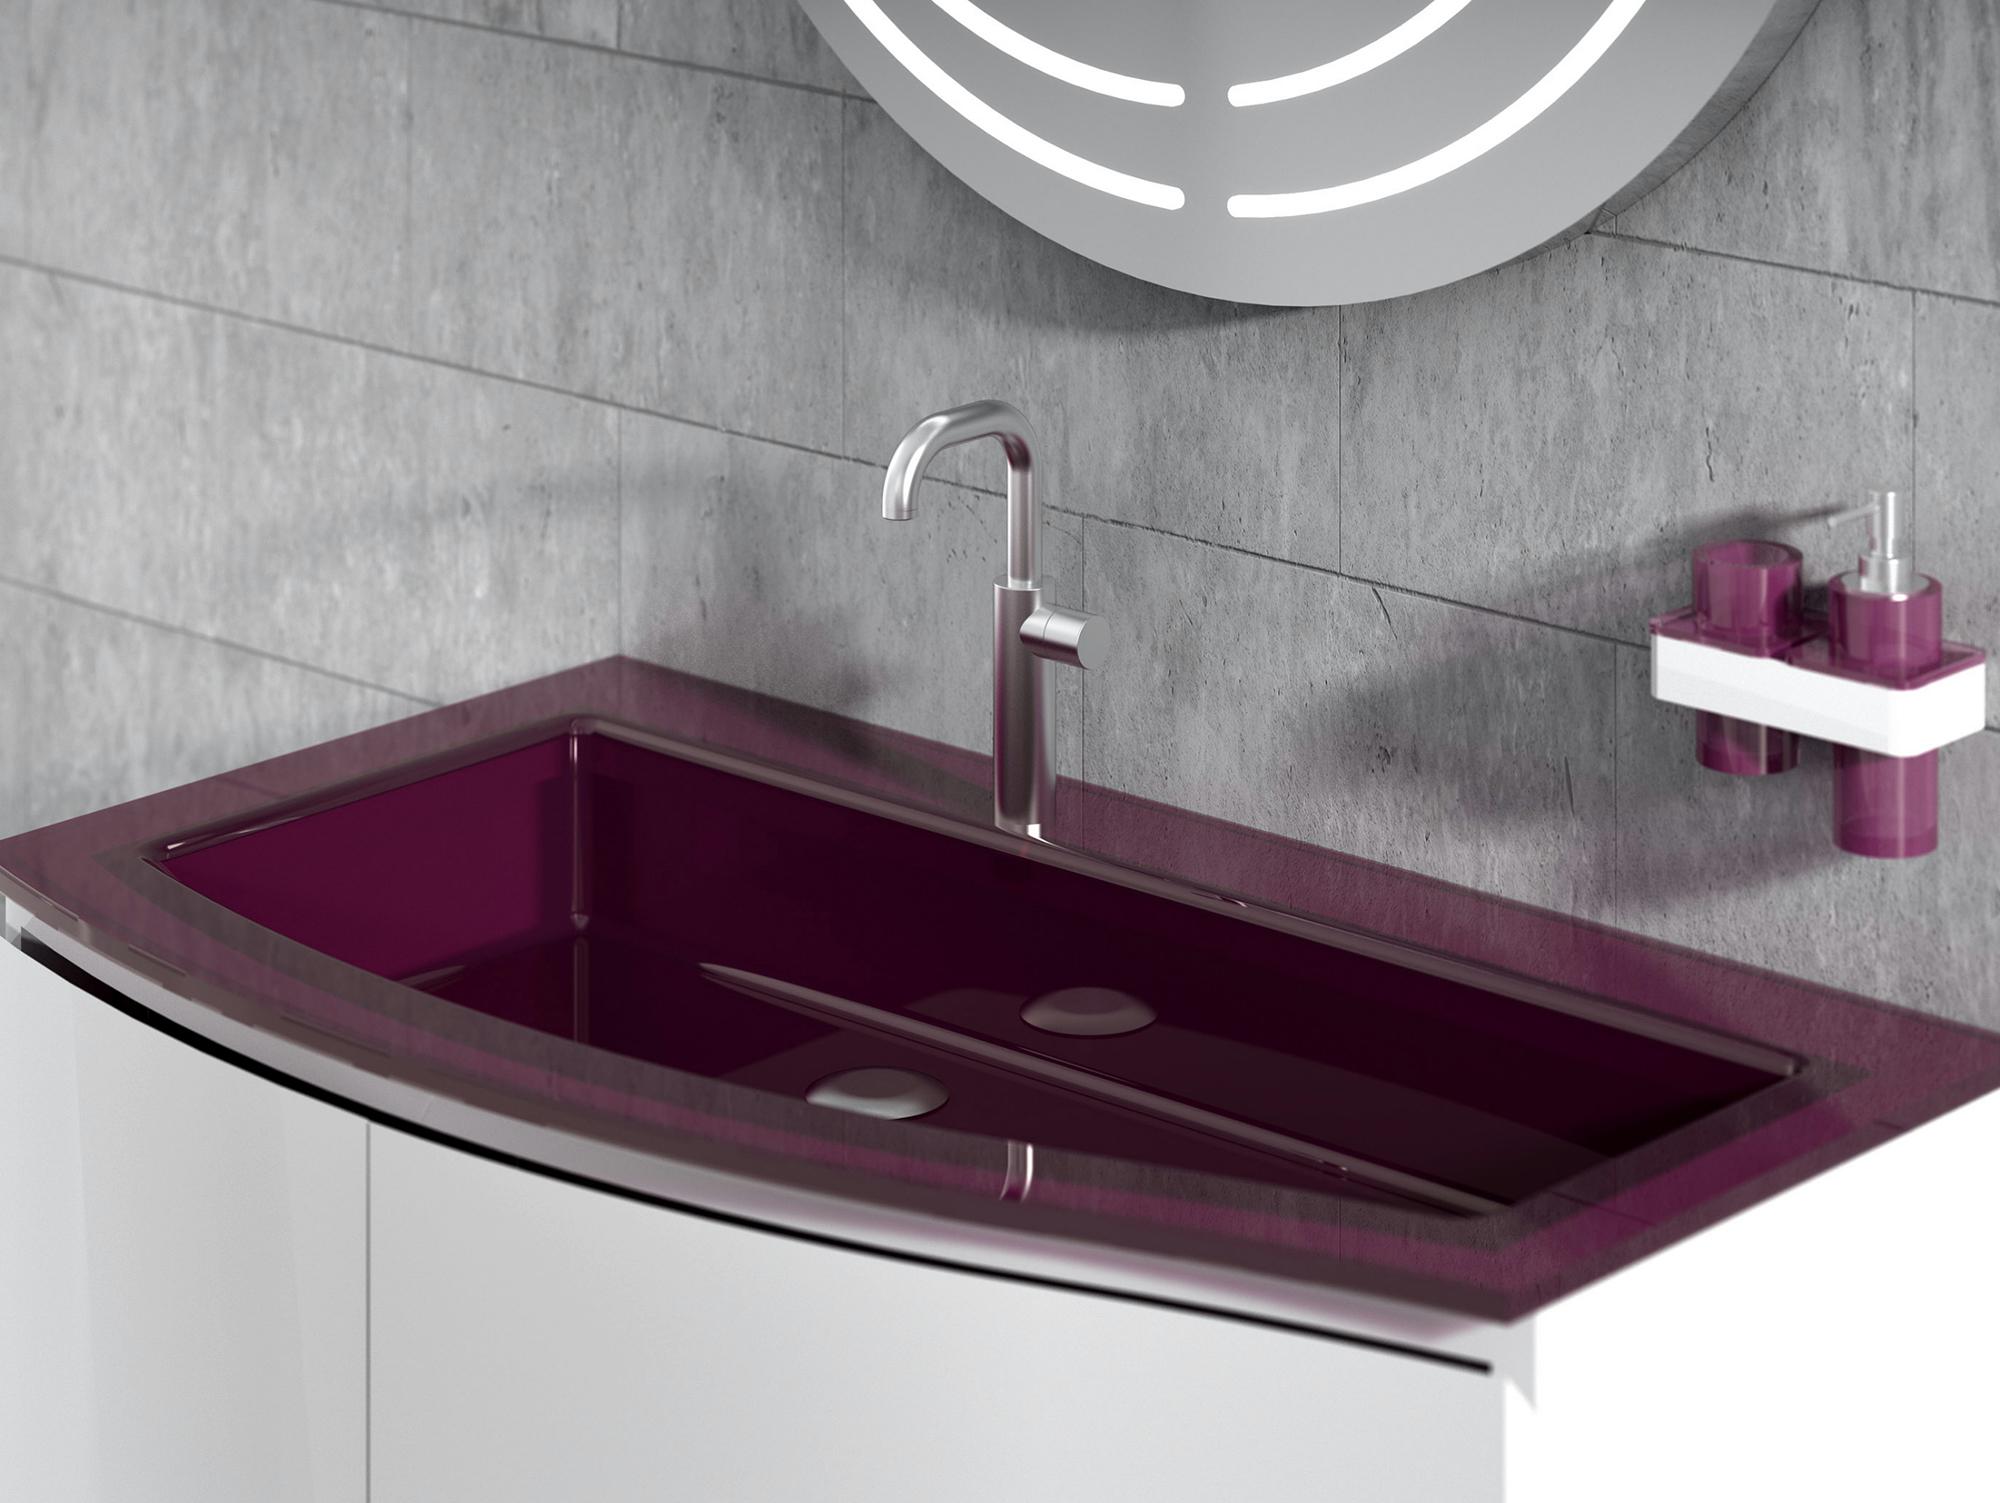 Раковина цвета фуксия в ванной